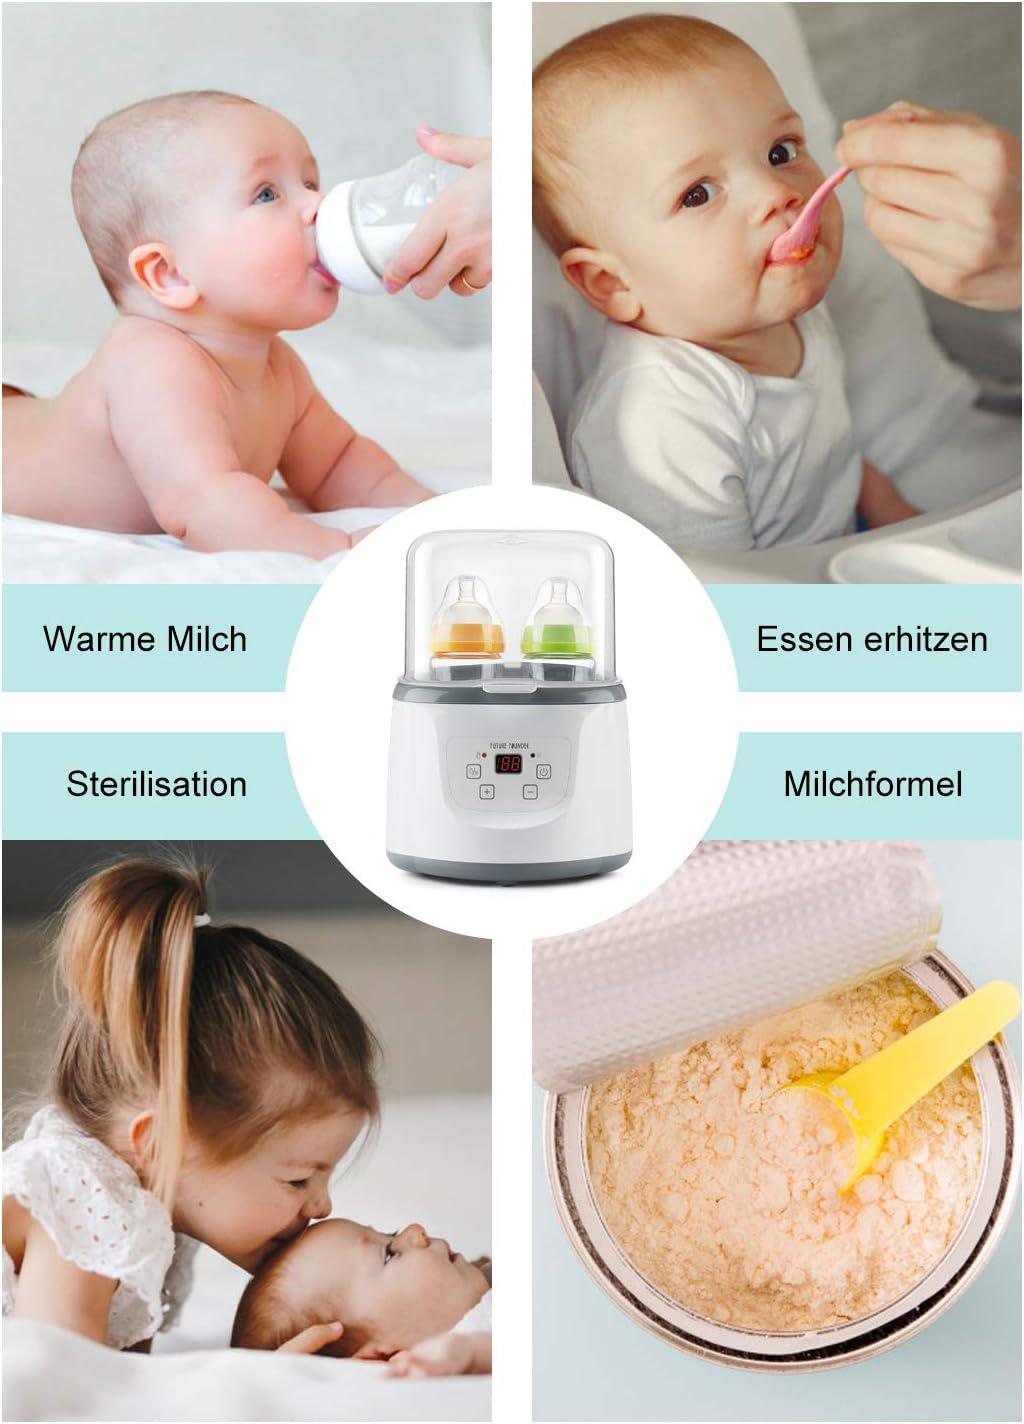 Calentador de biberones 6 en 1 para beb/és doble esterilizador de vapor para biberones y chupetes